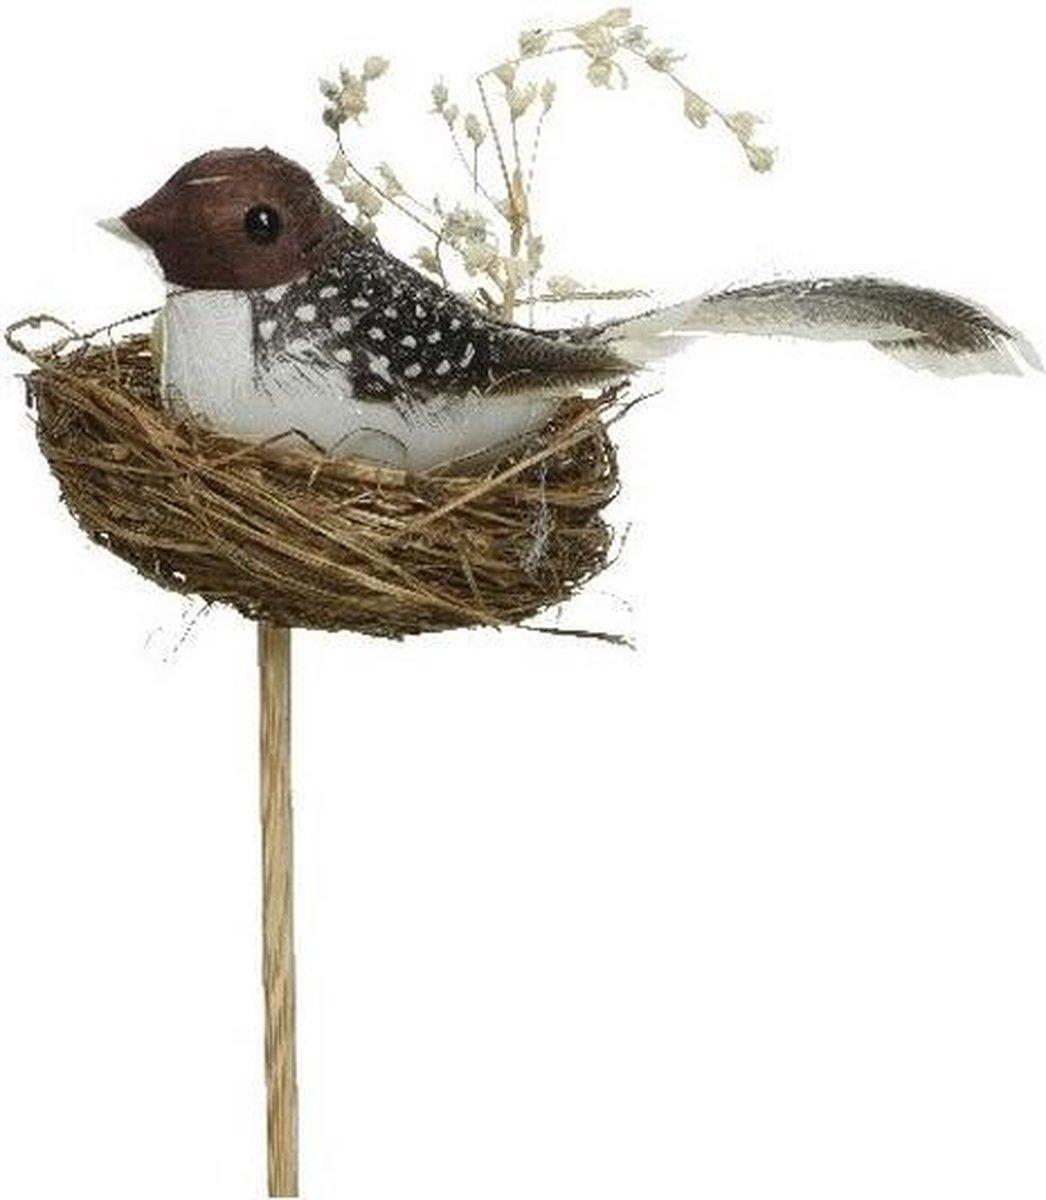 Donkerbruin/witte stippen Paasvogeltje in nest met eitje 7 cm op steker - Pasen feestdecoratie/versiering - Dierenbeelden